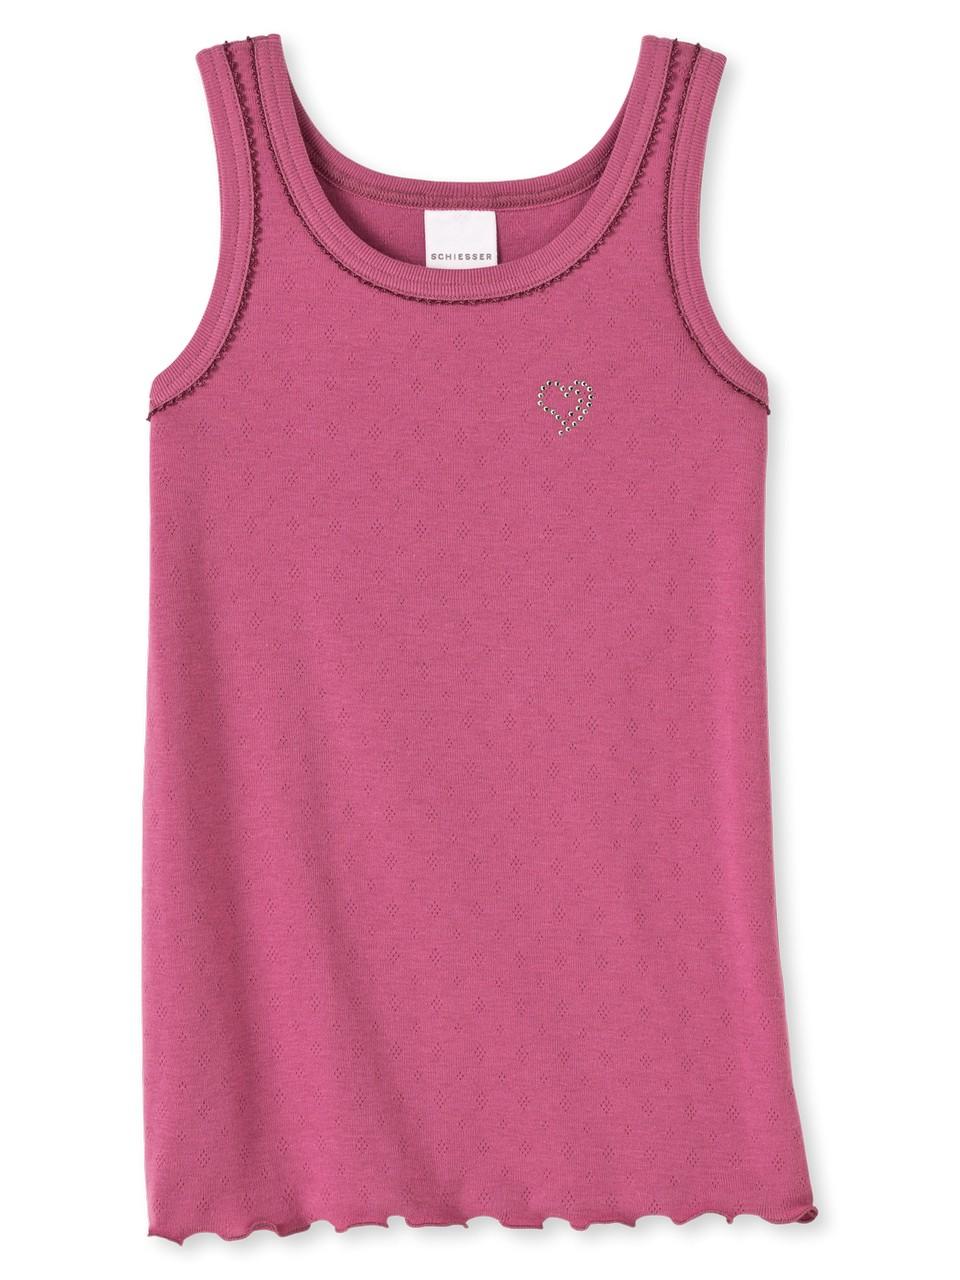 Schiesser Mädchen Unterhemd ohne Arm 0//0-129569